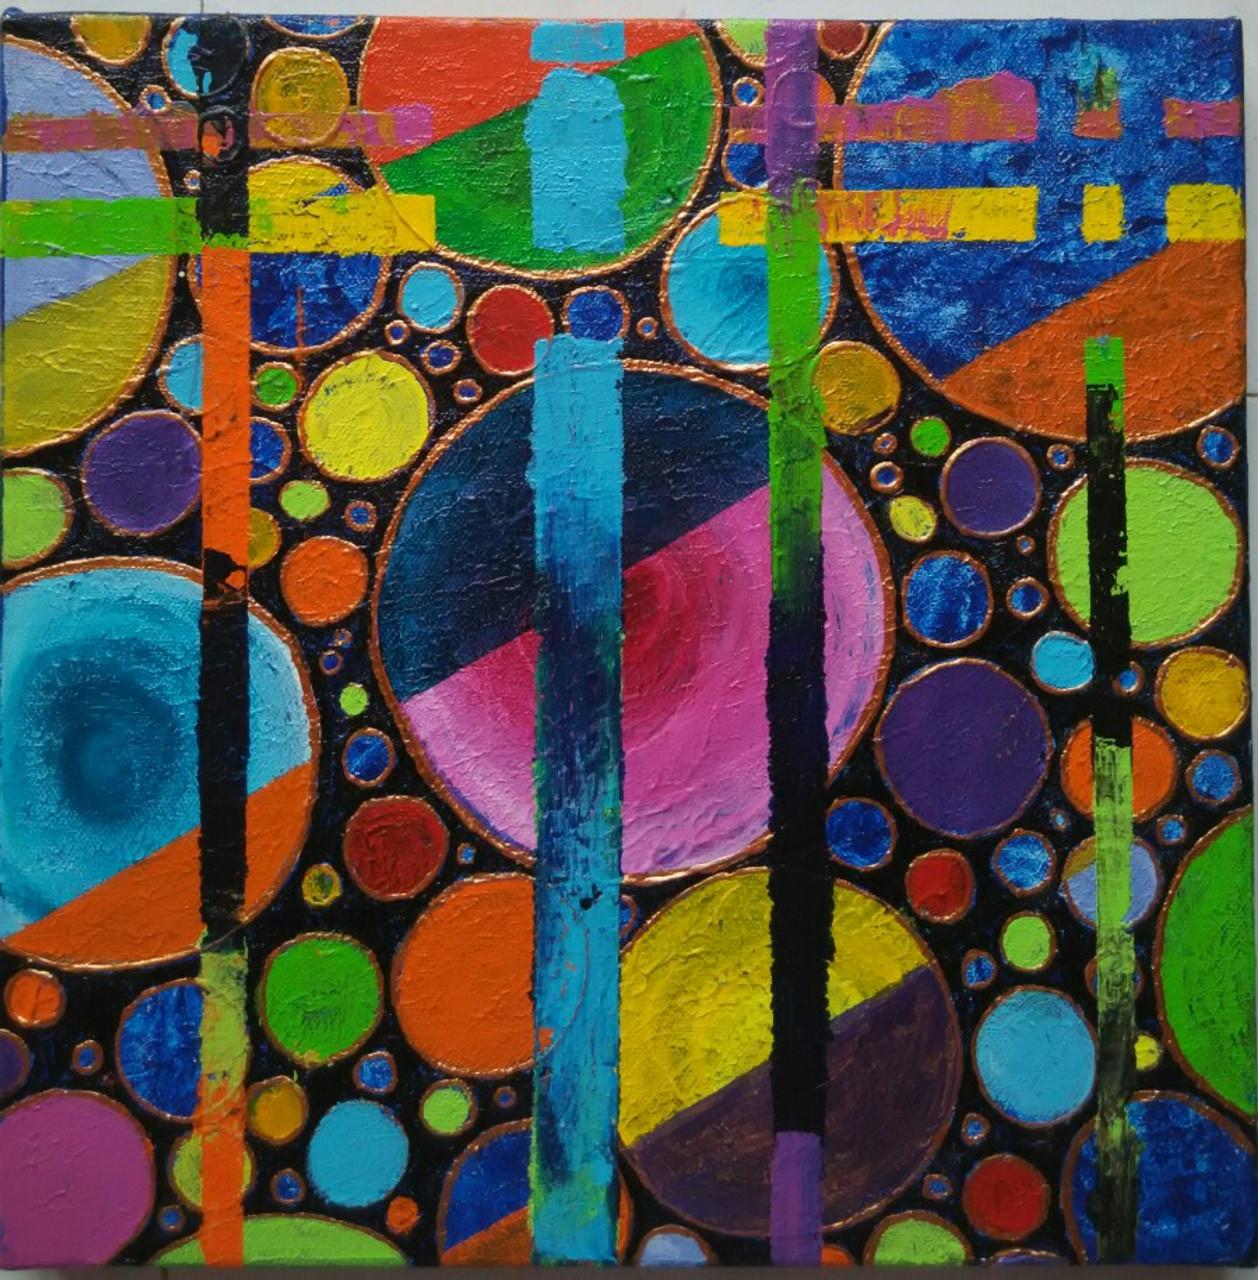 Abstract Modern Circle Art